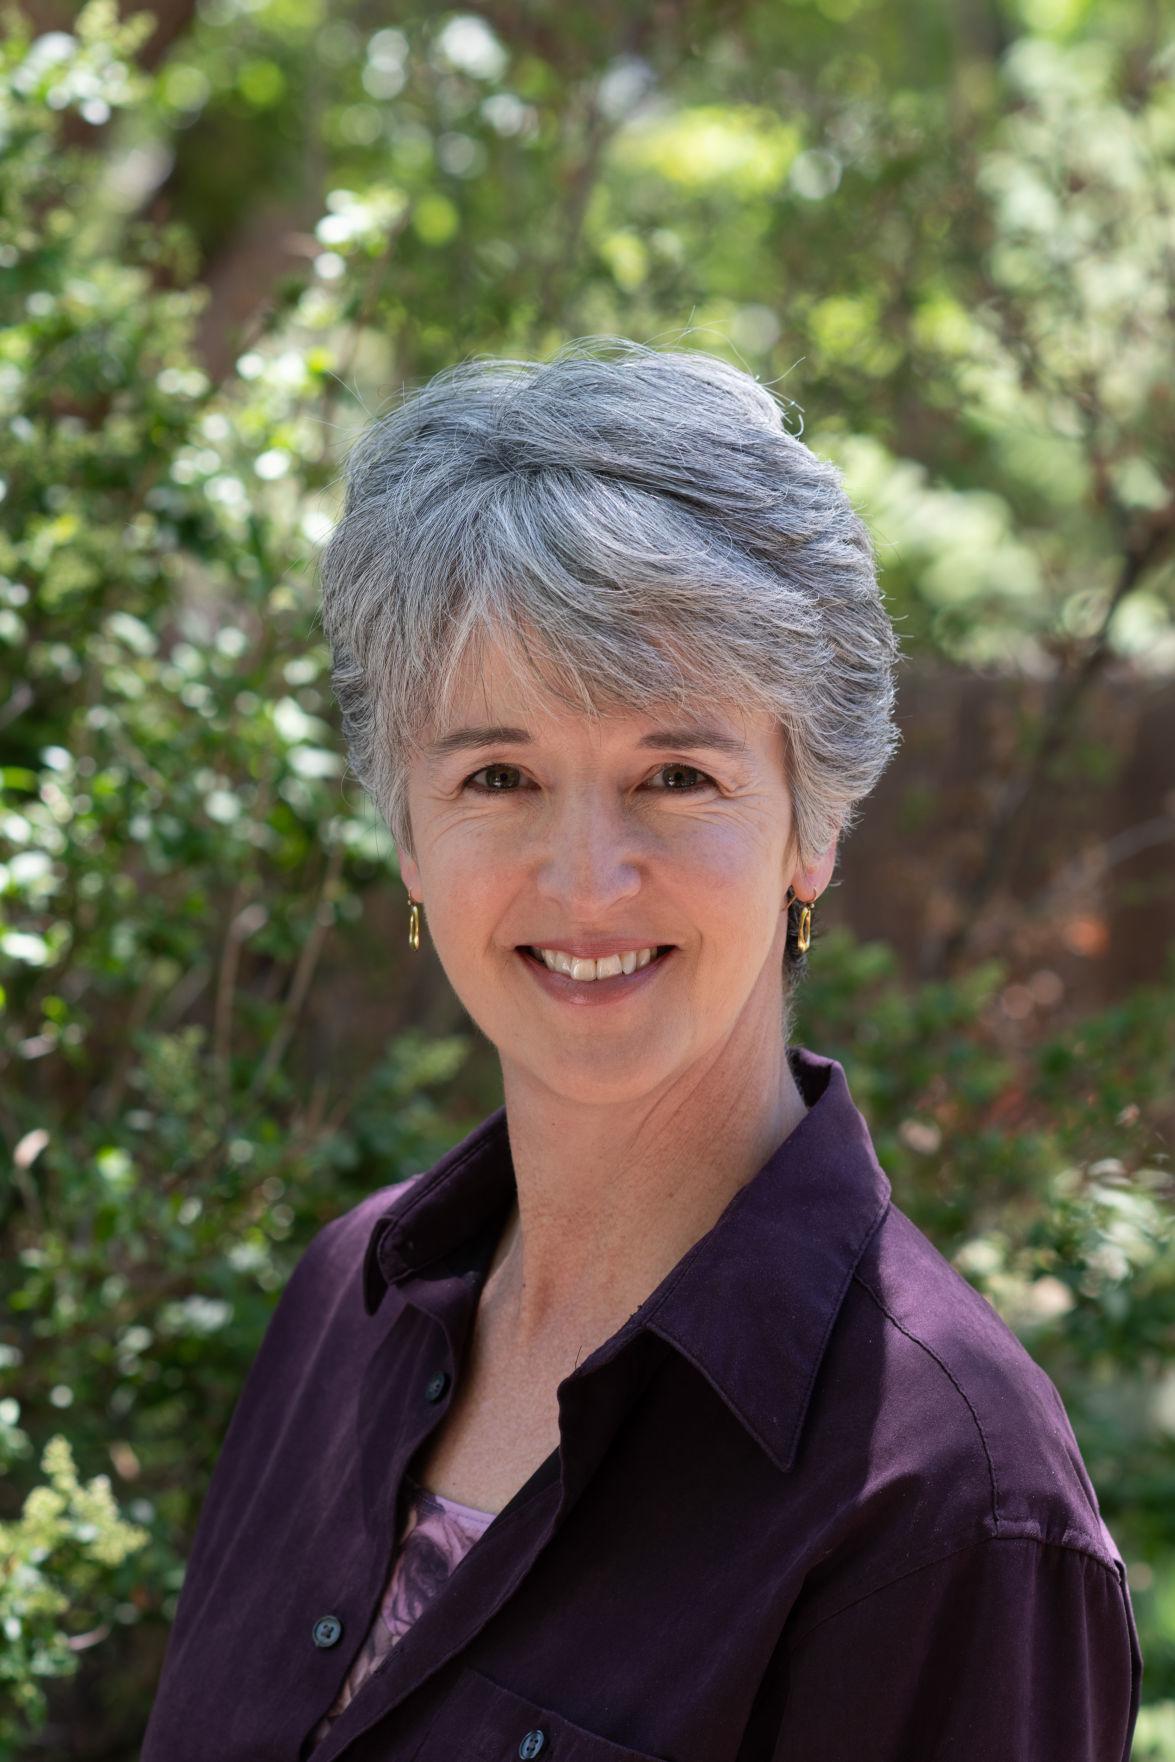 Julie Hammonds